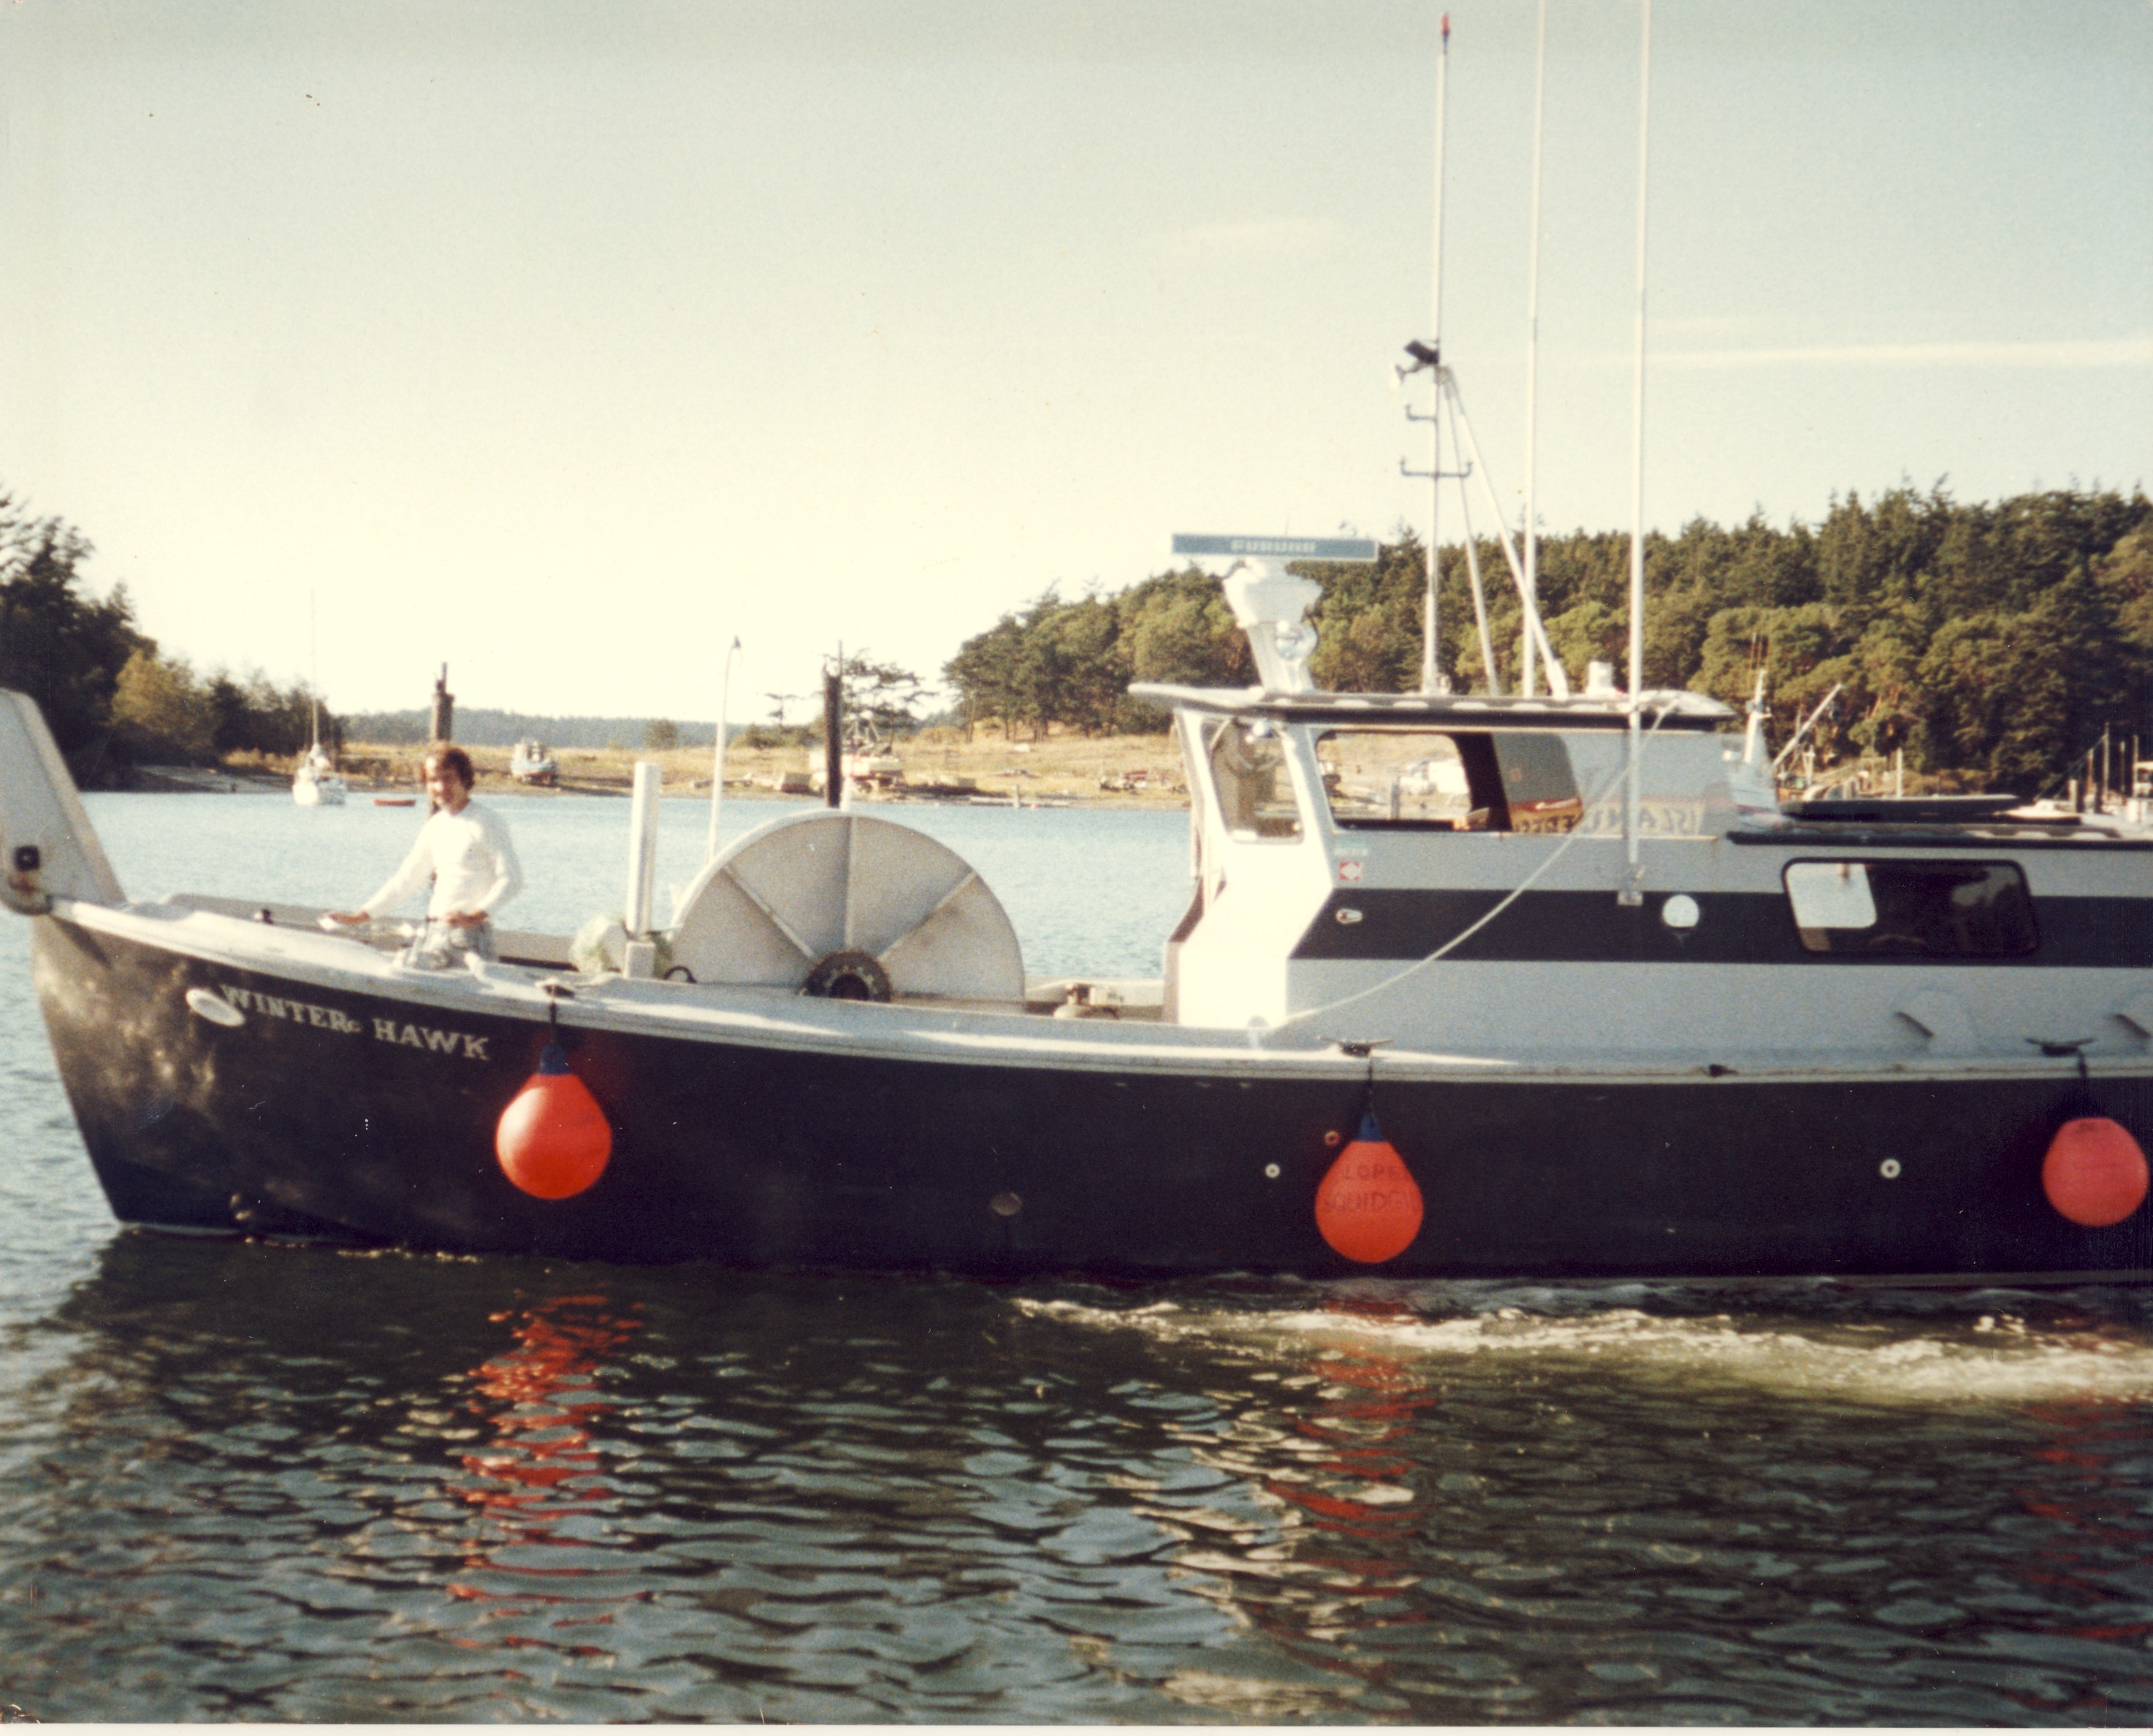 Douglas and FV Winter Hawk in McKay Harbor, Lopez Island Washington 1982